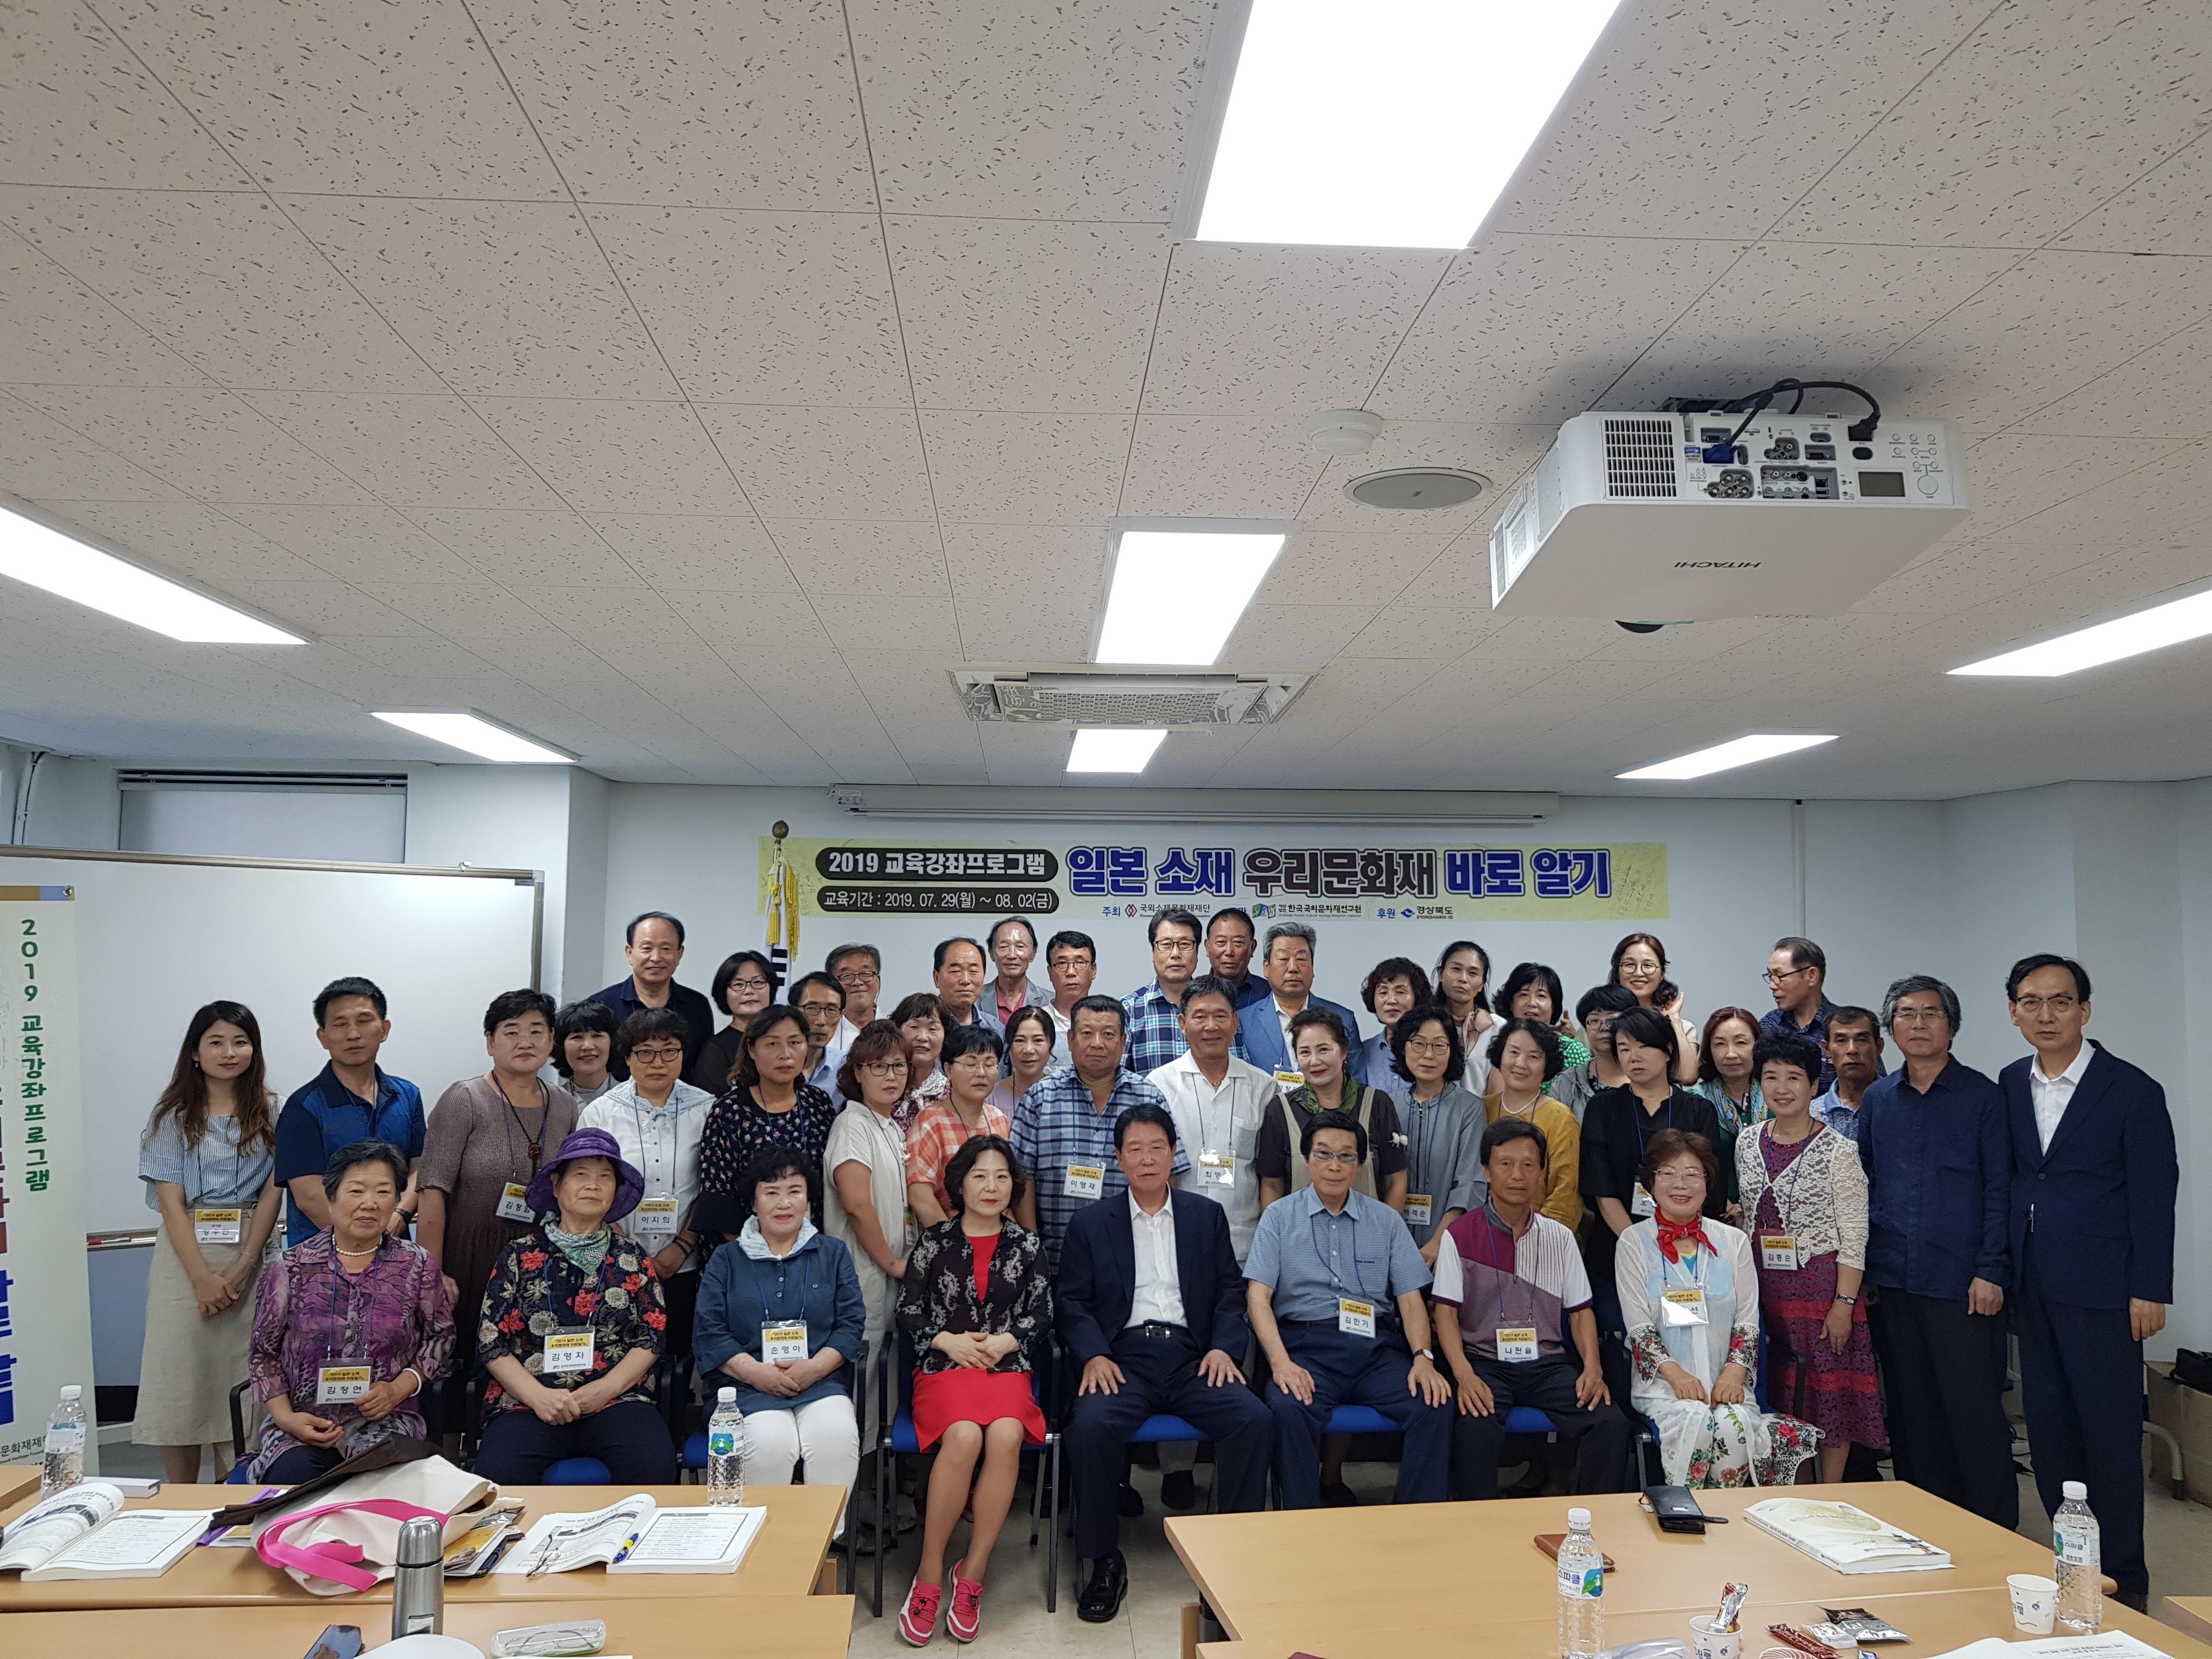 2019 「일본소재 우리문화재 바로알기」 교육강좌 개최